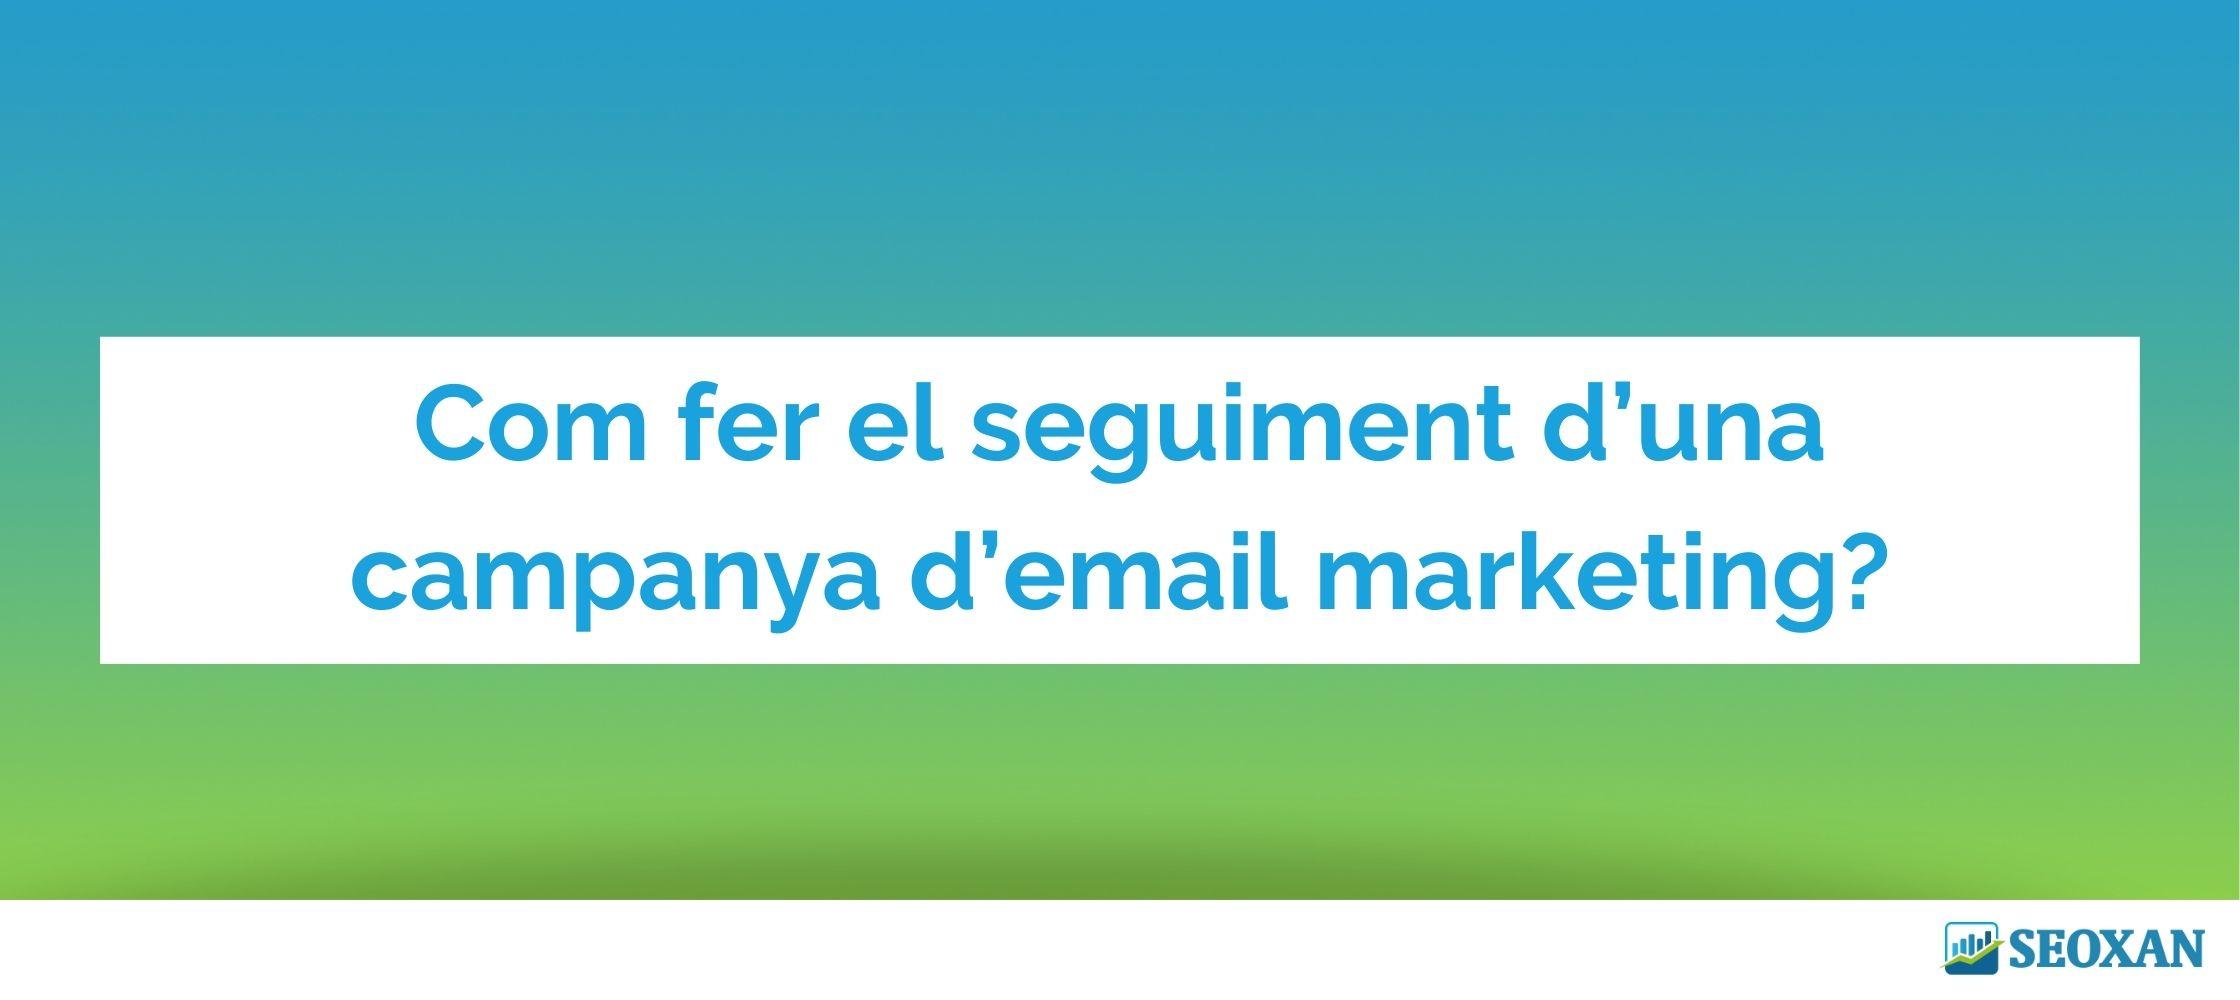 Com fer el seguiment d'una campanya d'email marketing?